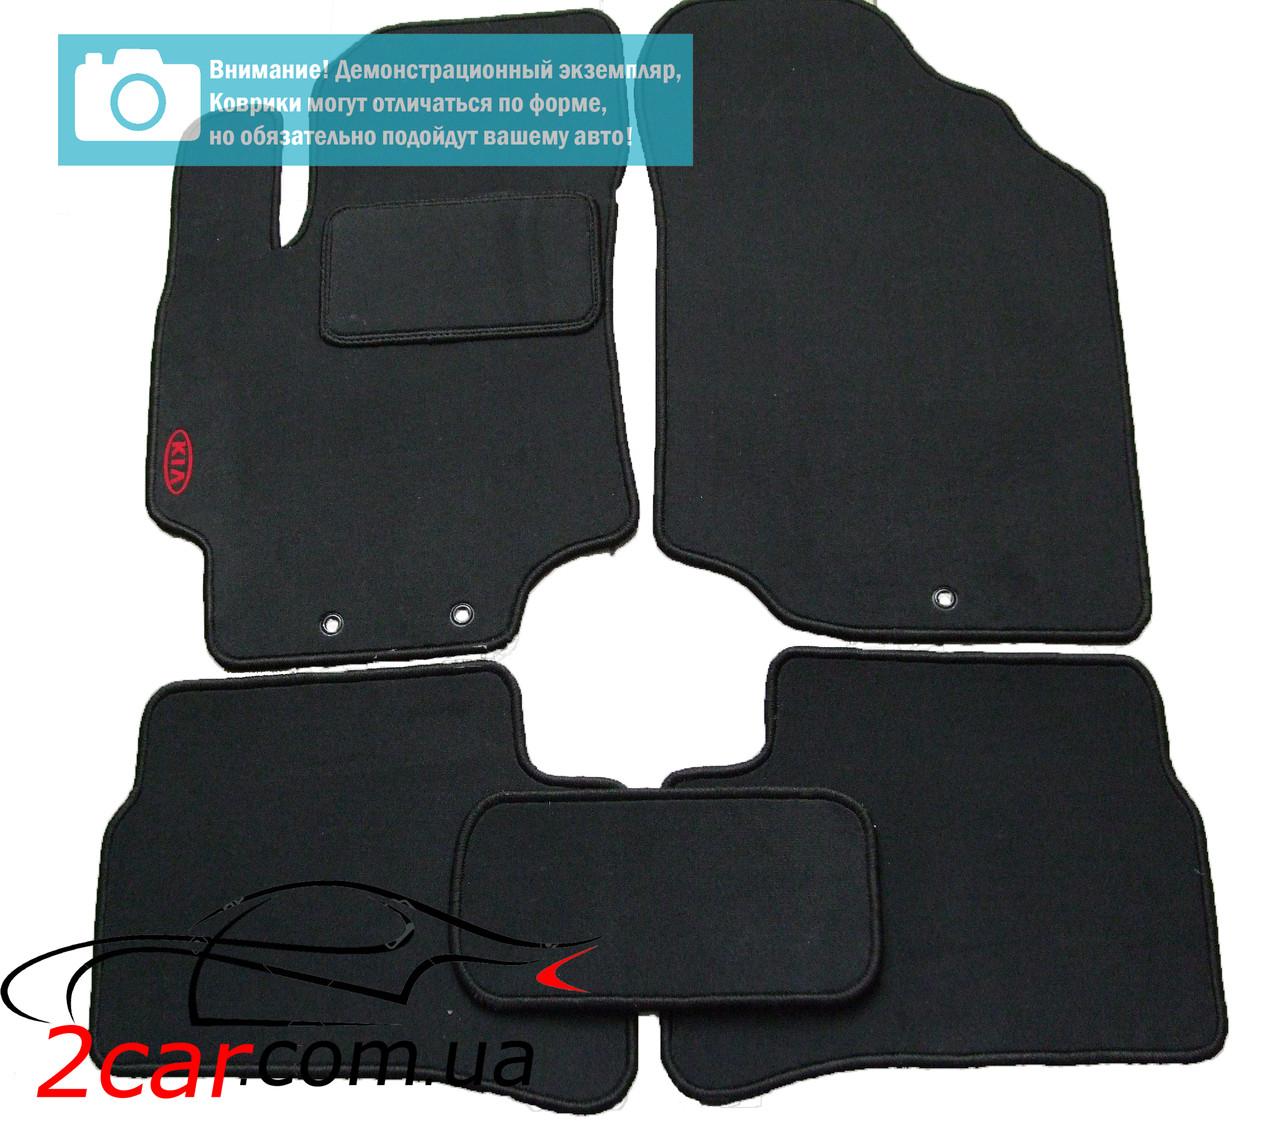 Текстильные коврики в салон для ВАЗ 2112 (StingrayUA)